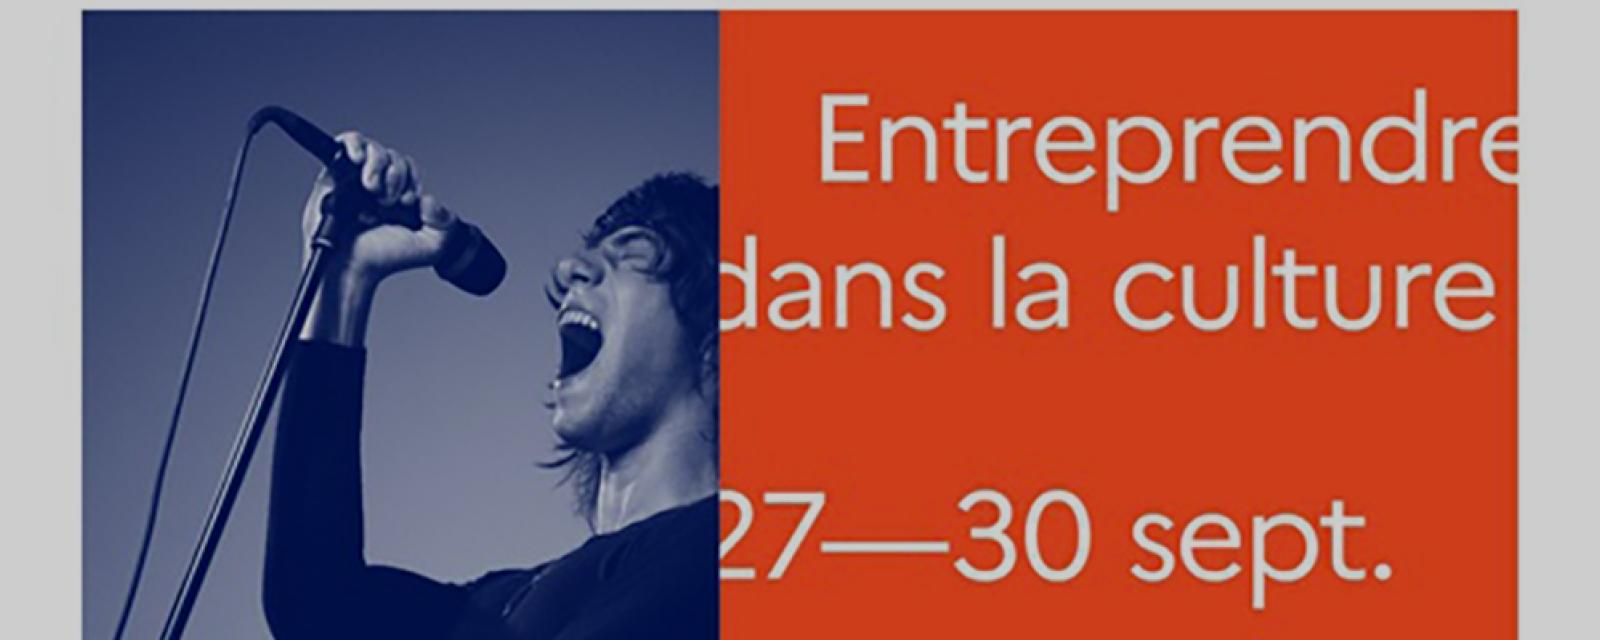 entreprendreculture-sept21